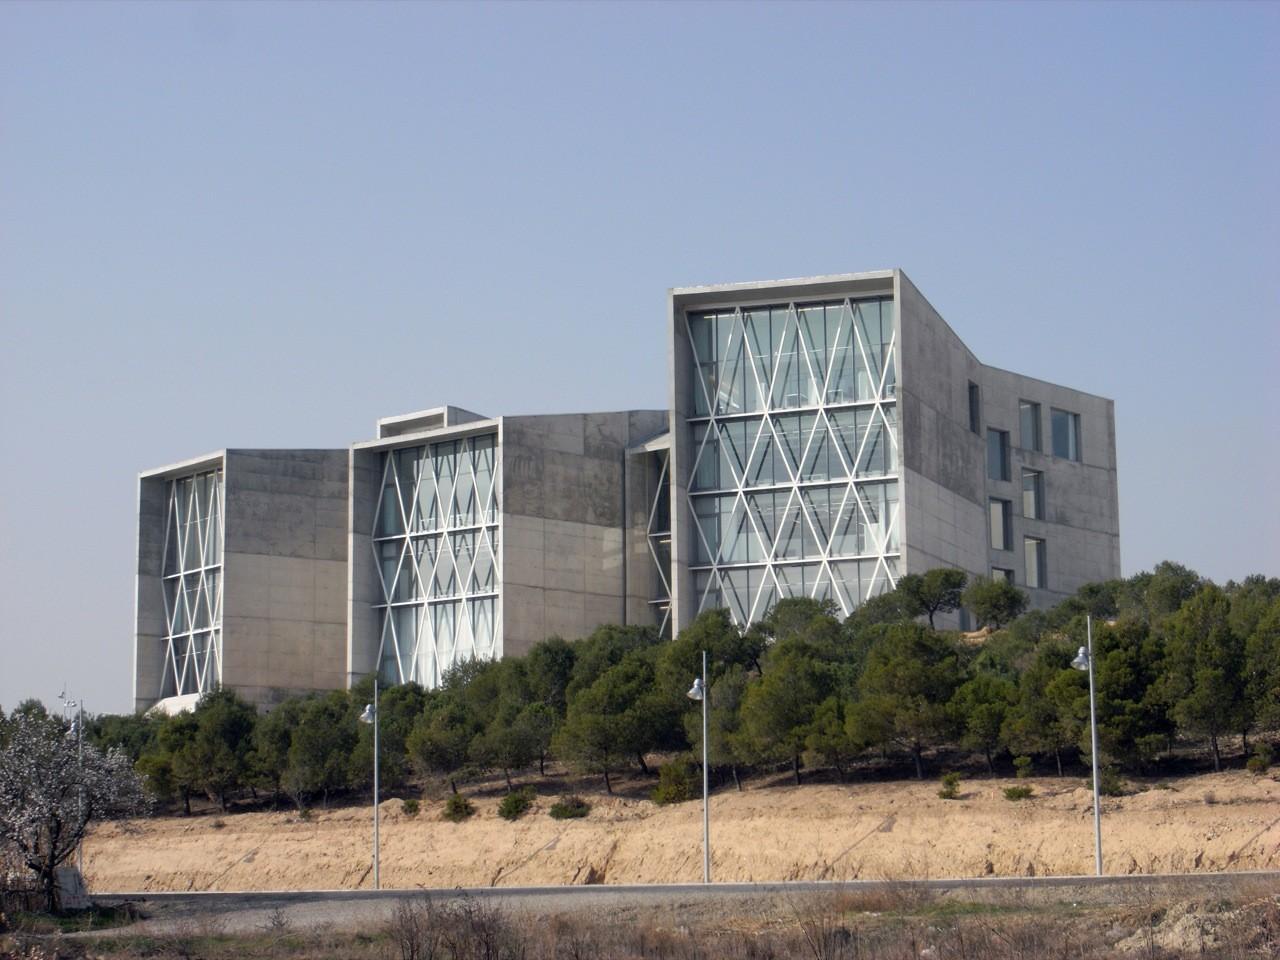 Facultad de Comunicación, Universidad San Jorge / Taller Básico de Arquitectura, © Xabier Ilundain Madurga